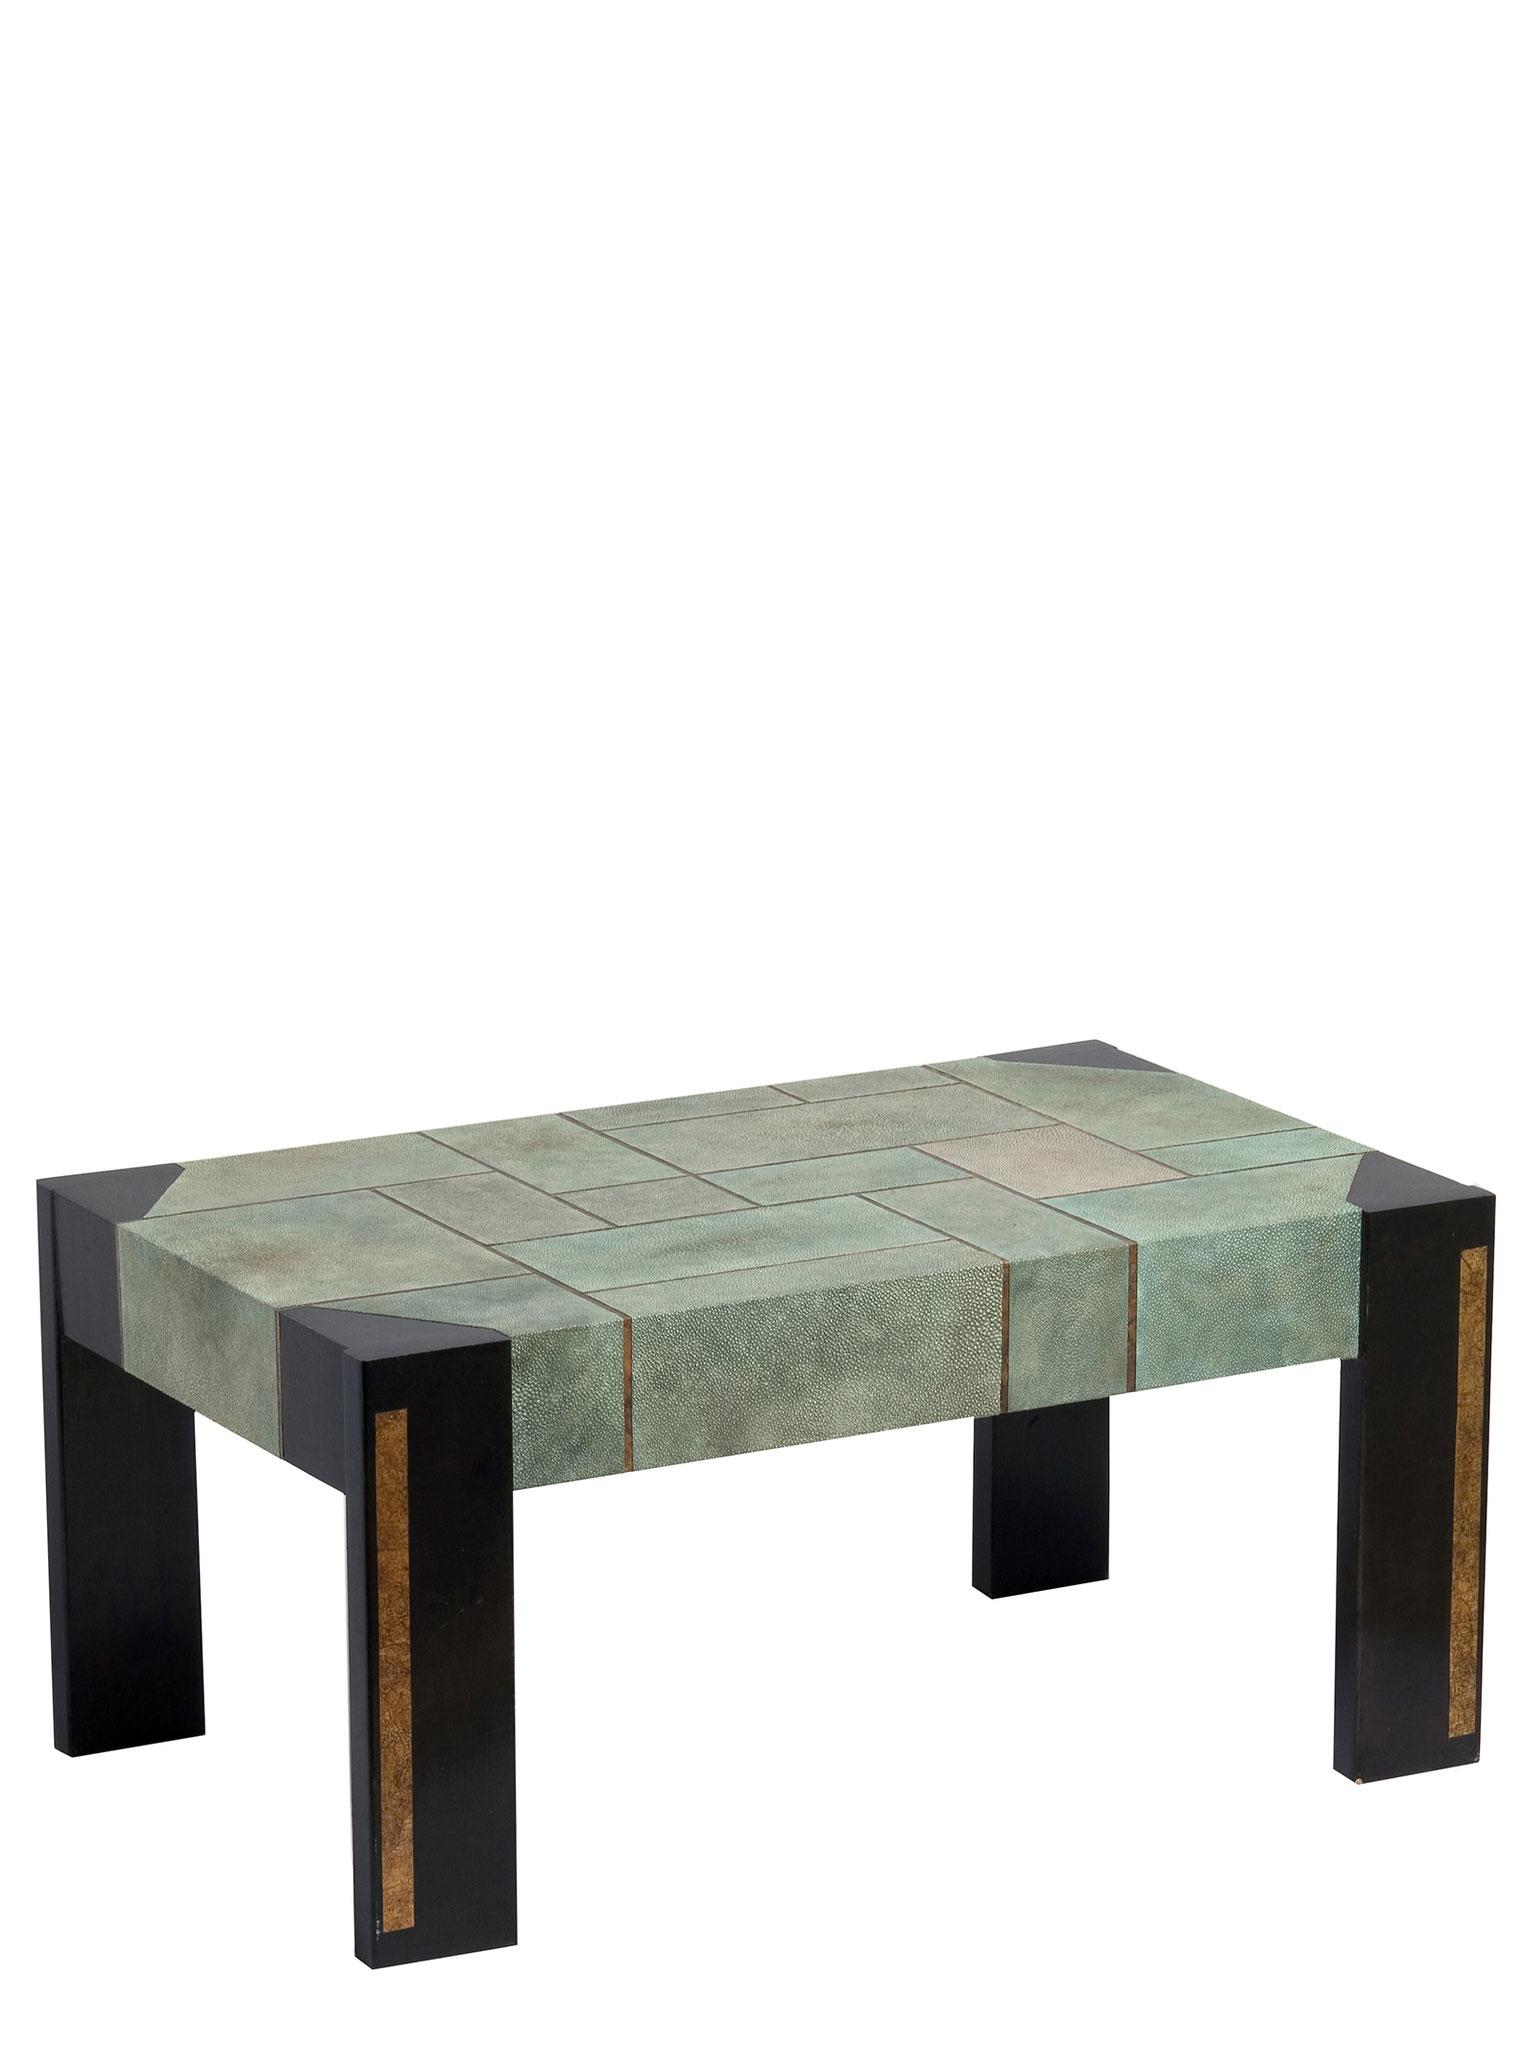 Table basse gainée d'empreinte de peaux de galuchat. Papier doré entre chaque peaux - Création sur mesure - 36 x 80 x 48 cm